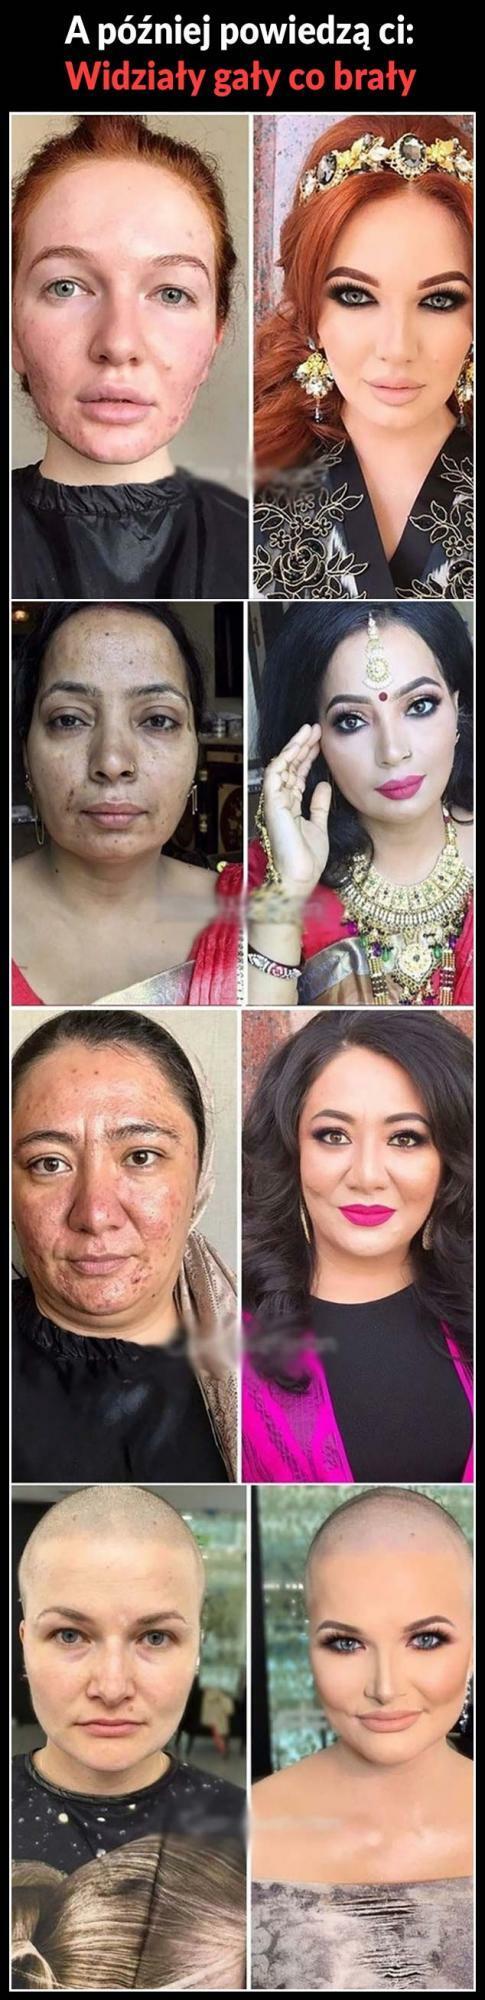 Potęga makijażu :D